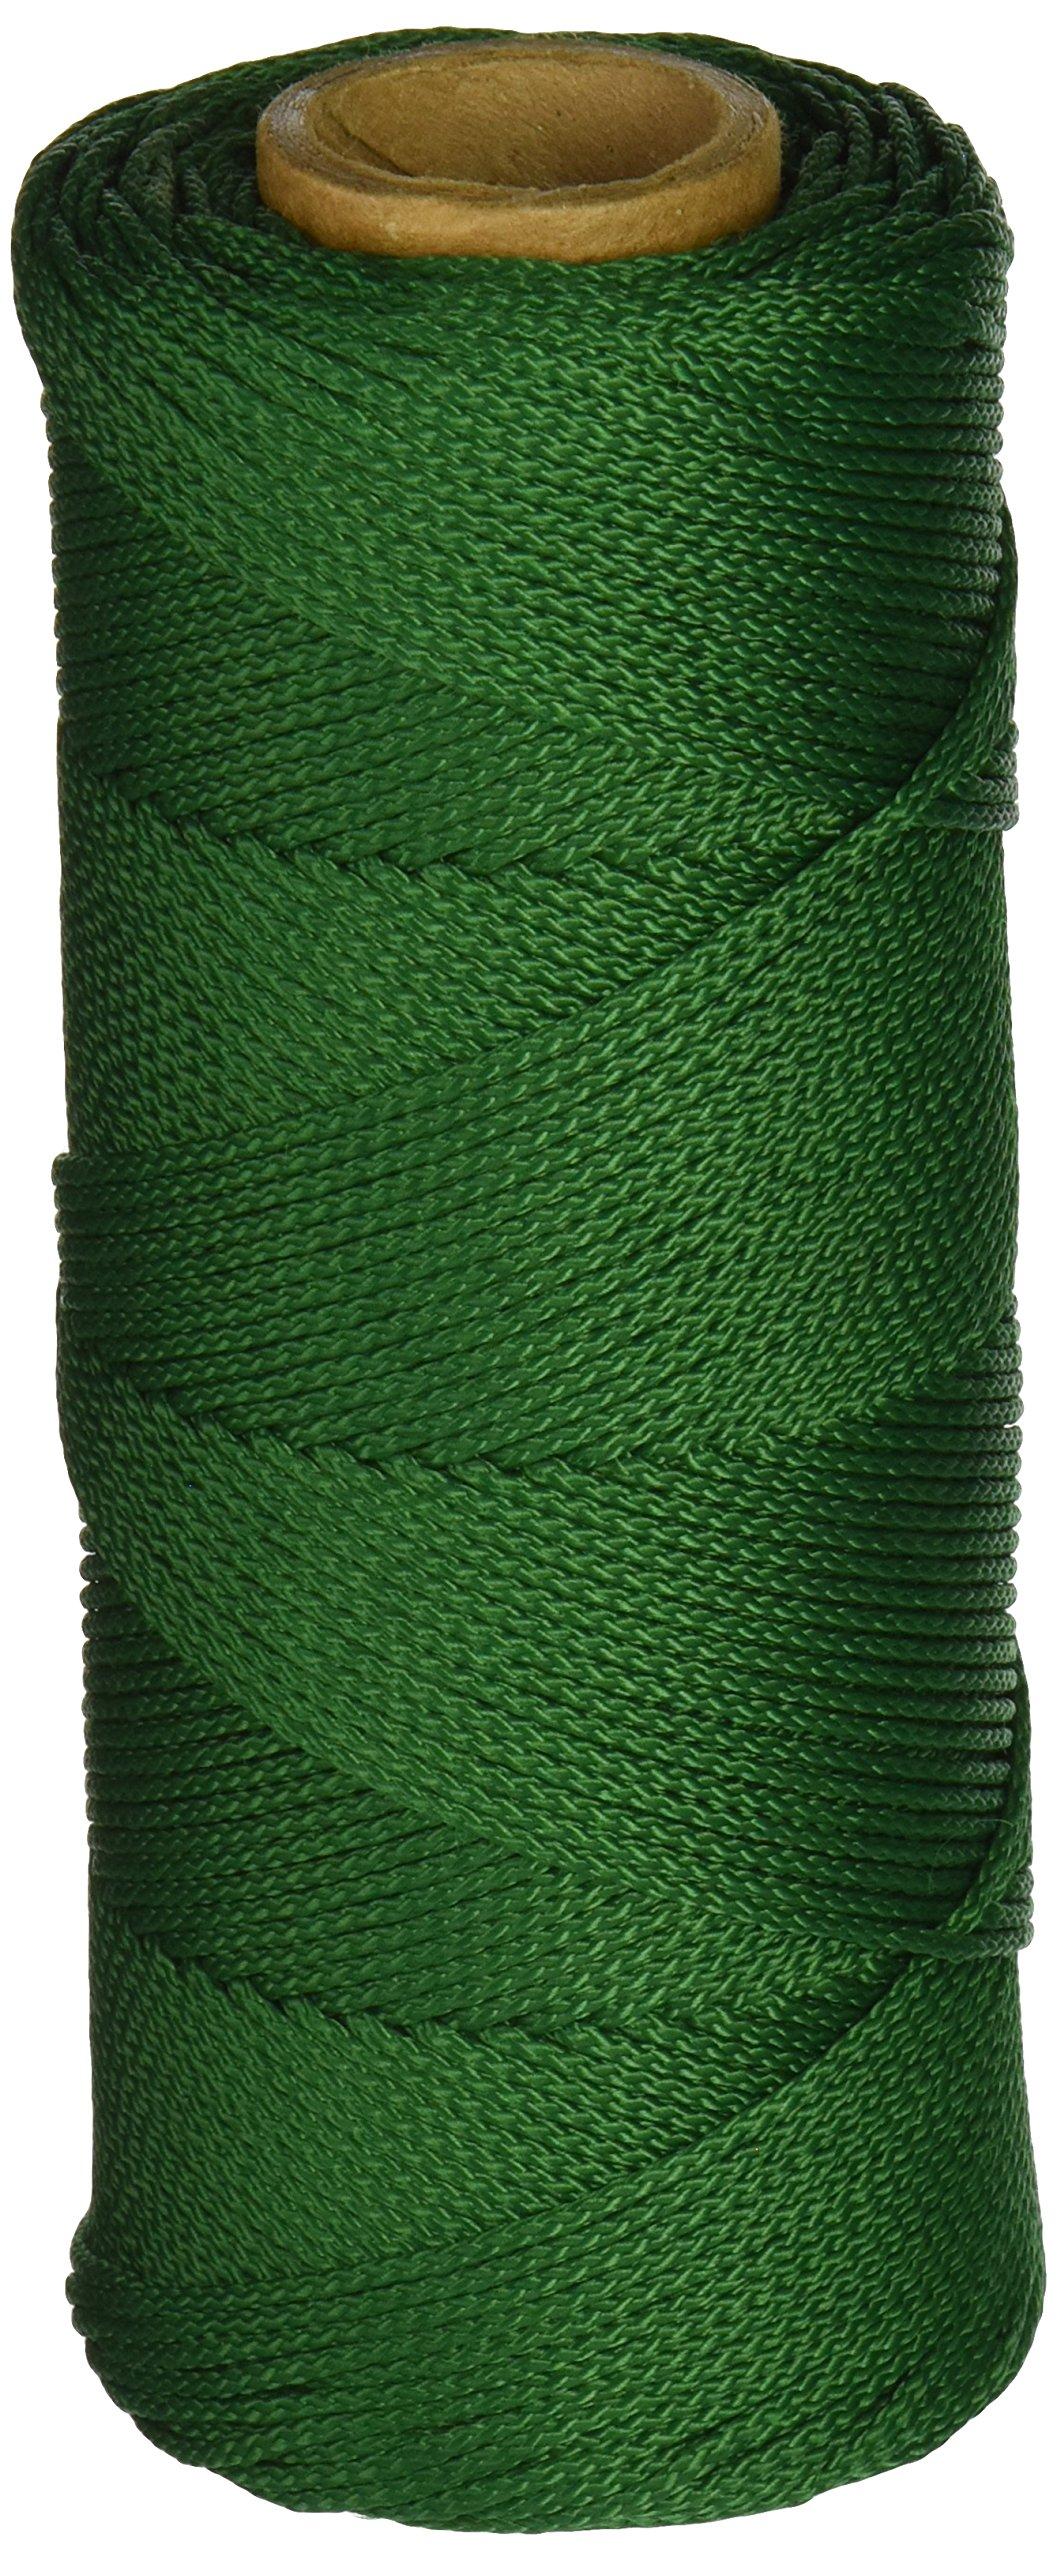 Kraft Tool BC341 Green Braided Masons Line 500-Feet Tube by Kraft Tool